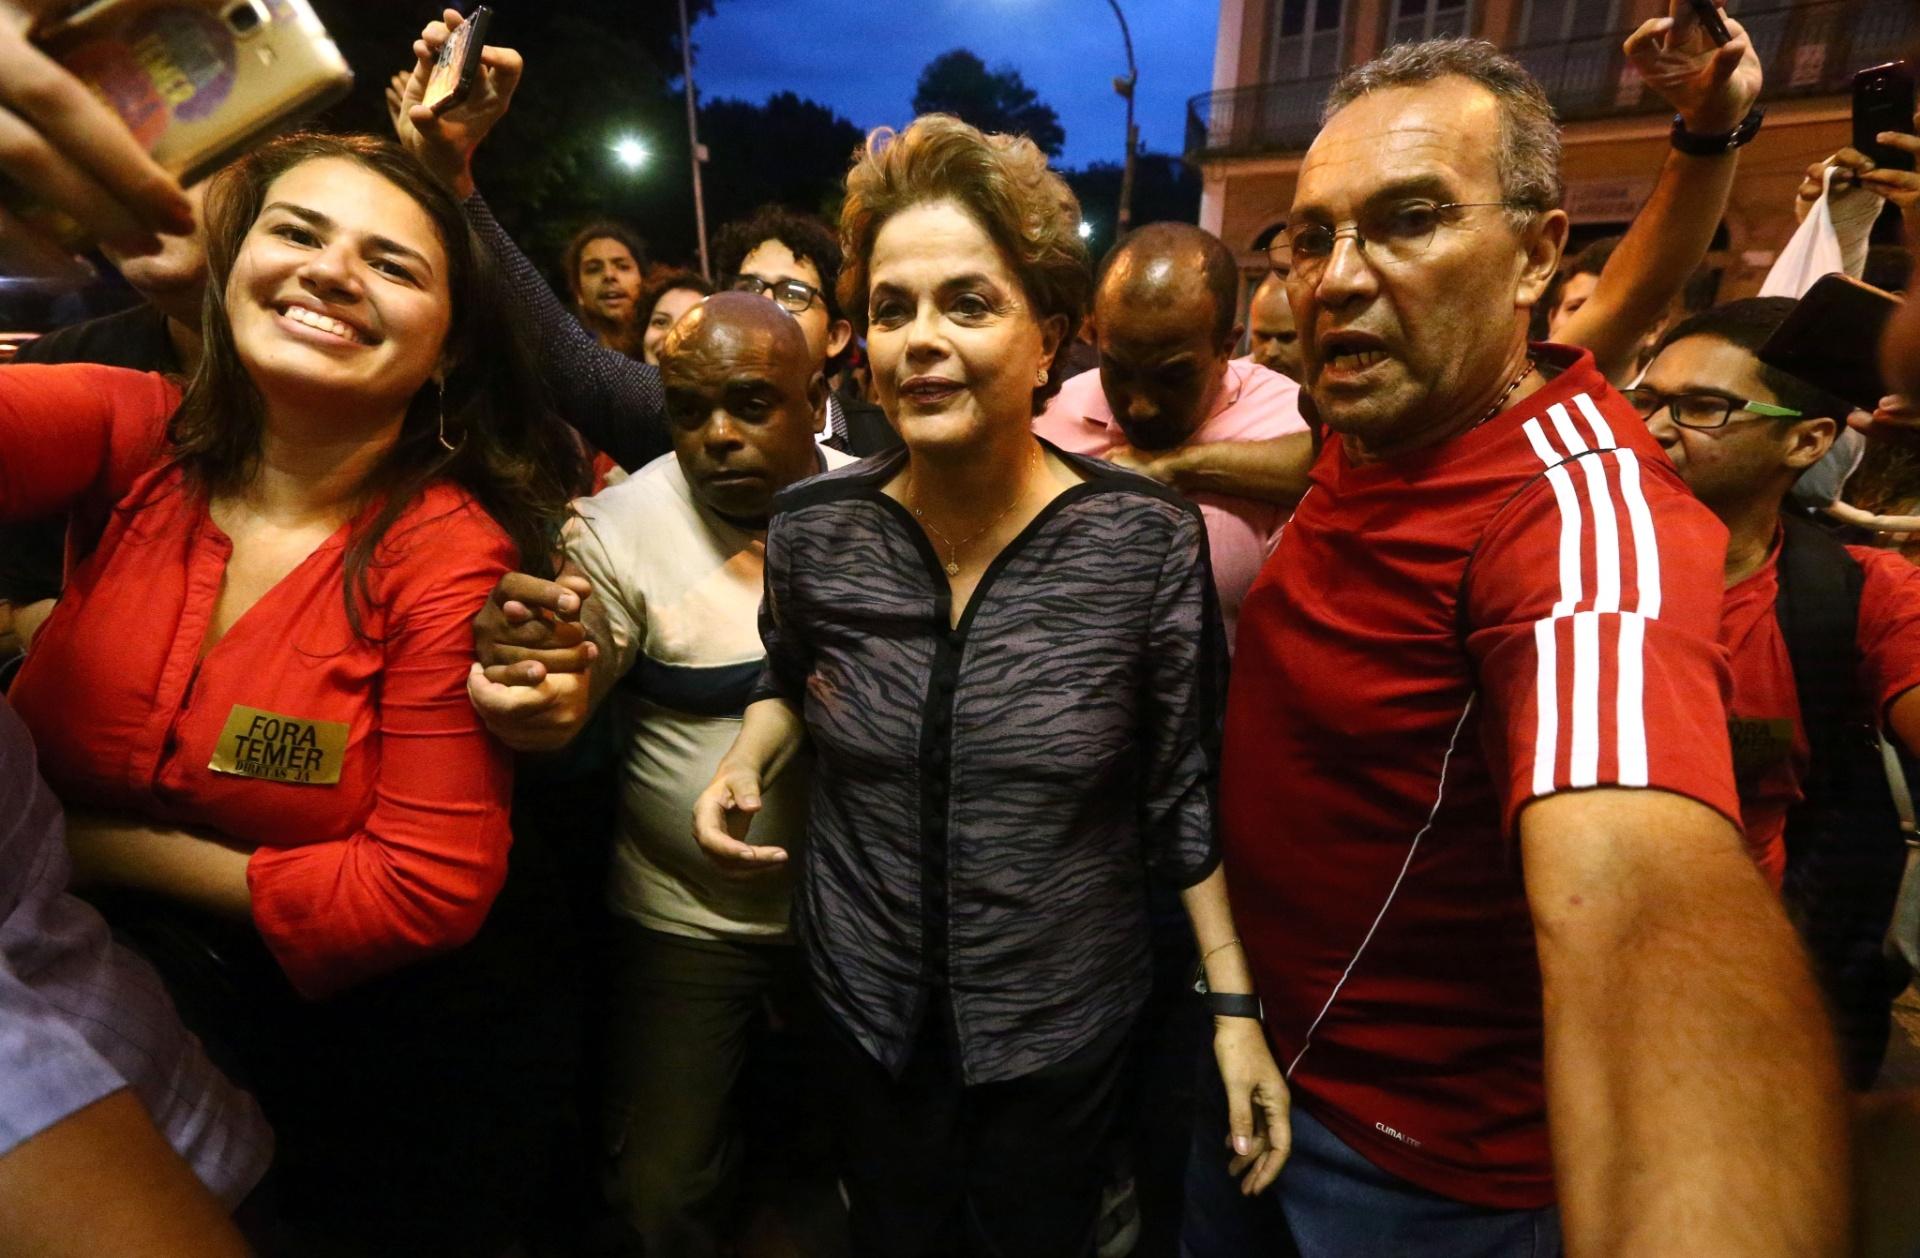 24.out.2016 - A ex-presidente Dilma Rousseff em dia de participação no Ato Nacional contra a Desconstrução do Estado Democrático de Direito, promovido na noite desta segunda- feira, 24, pela Faculdade Nacional de Direito, no Rio